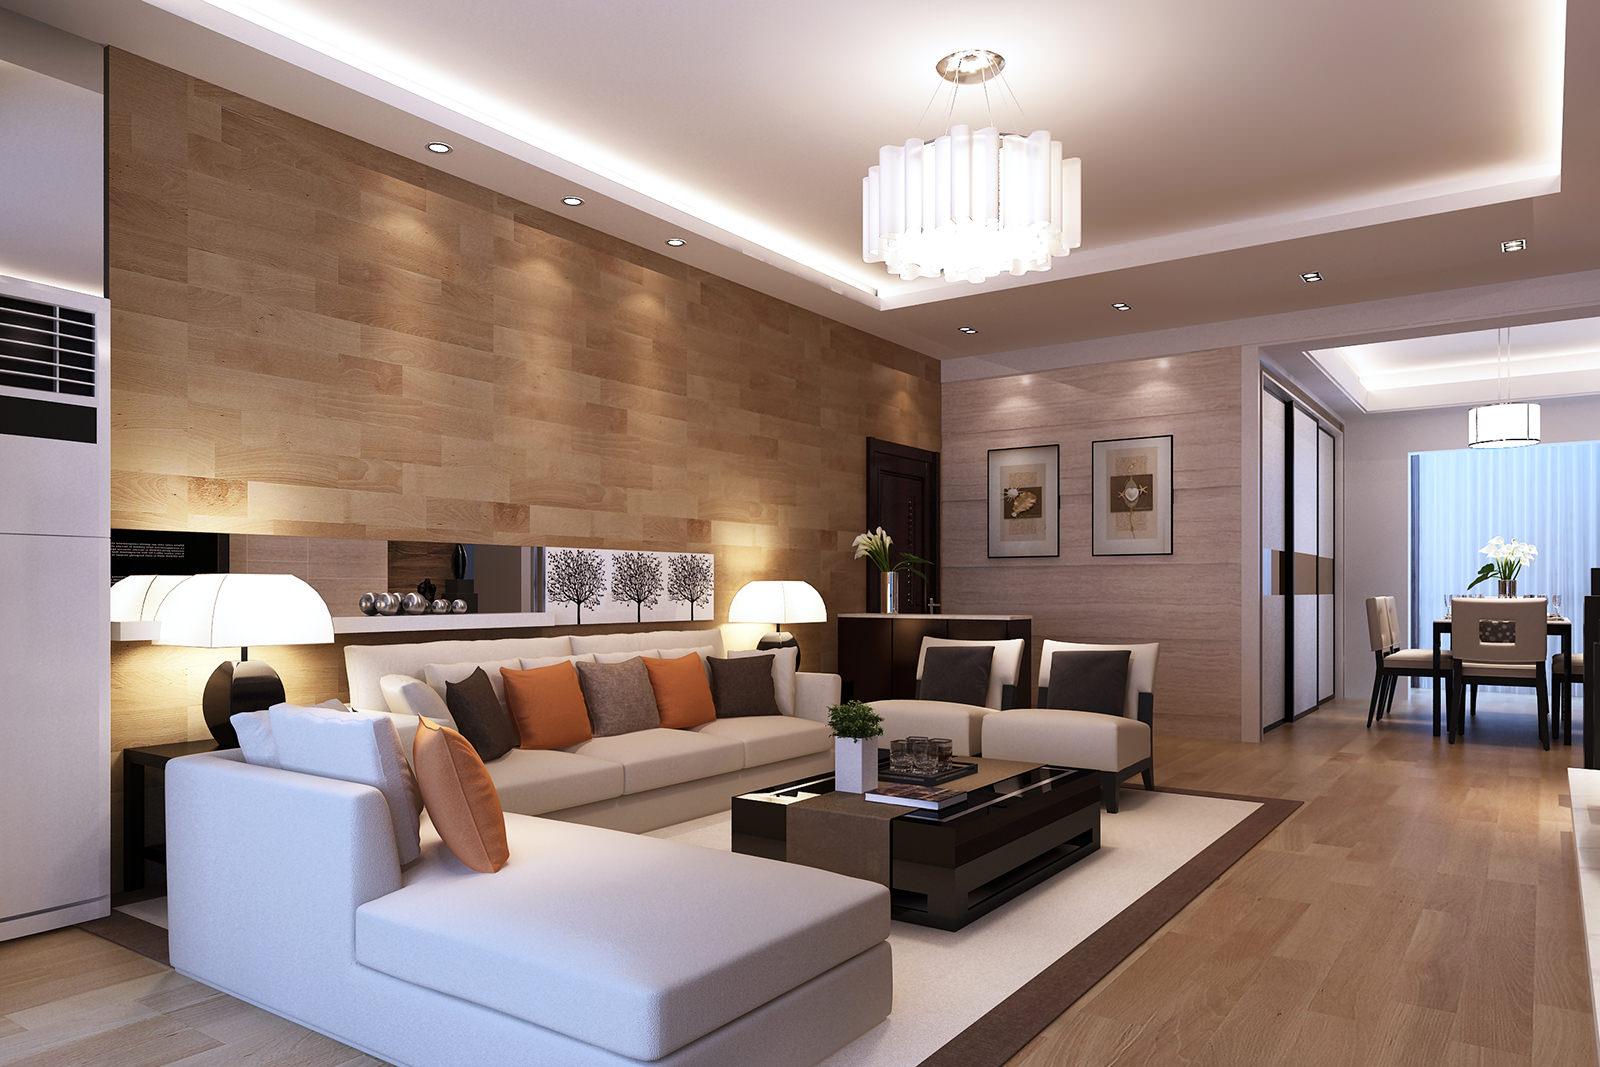 Белый угловой диван и другая мебель в стиле модерн